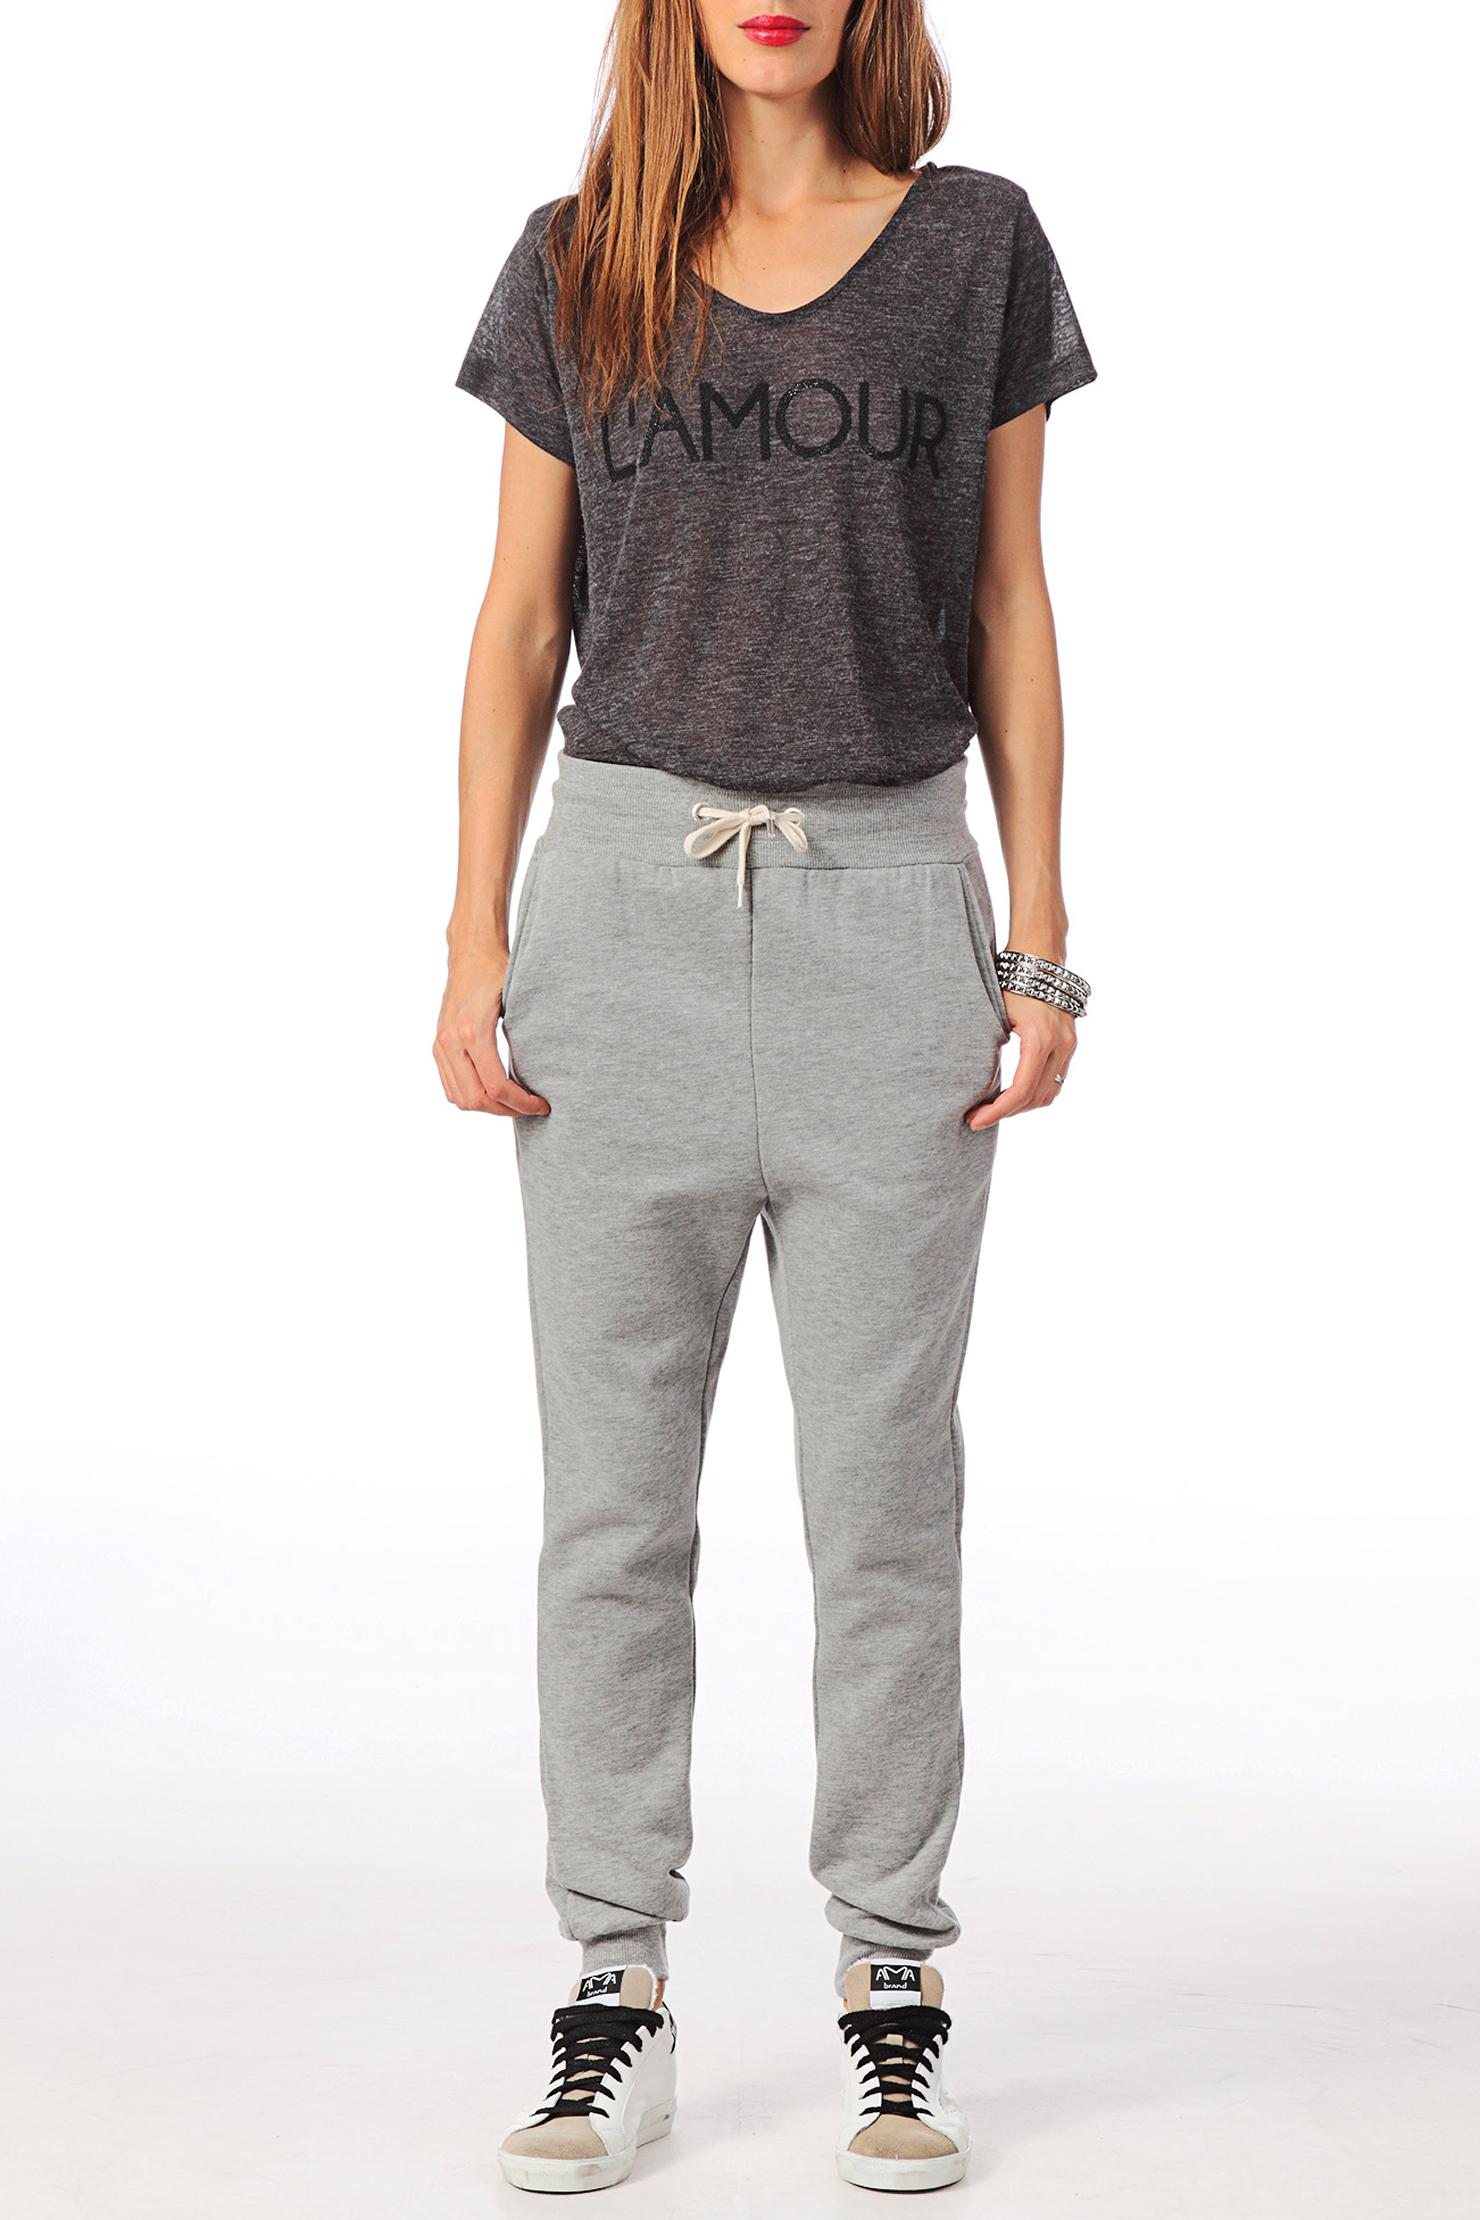 Sport / Homewear - frati string loose sweat pants swt - Grey